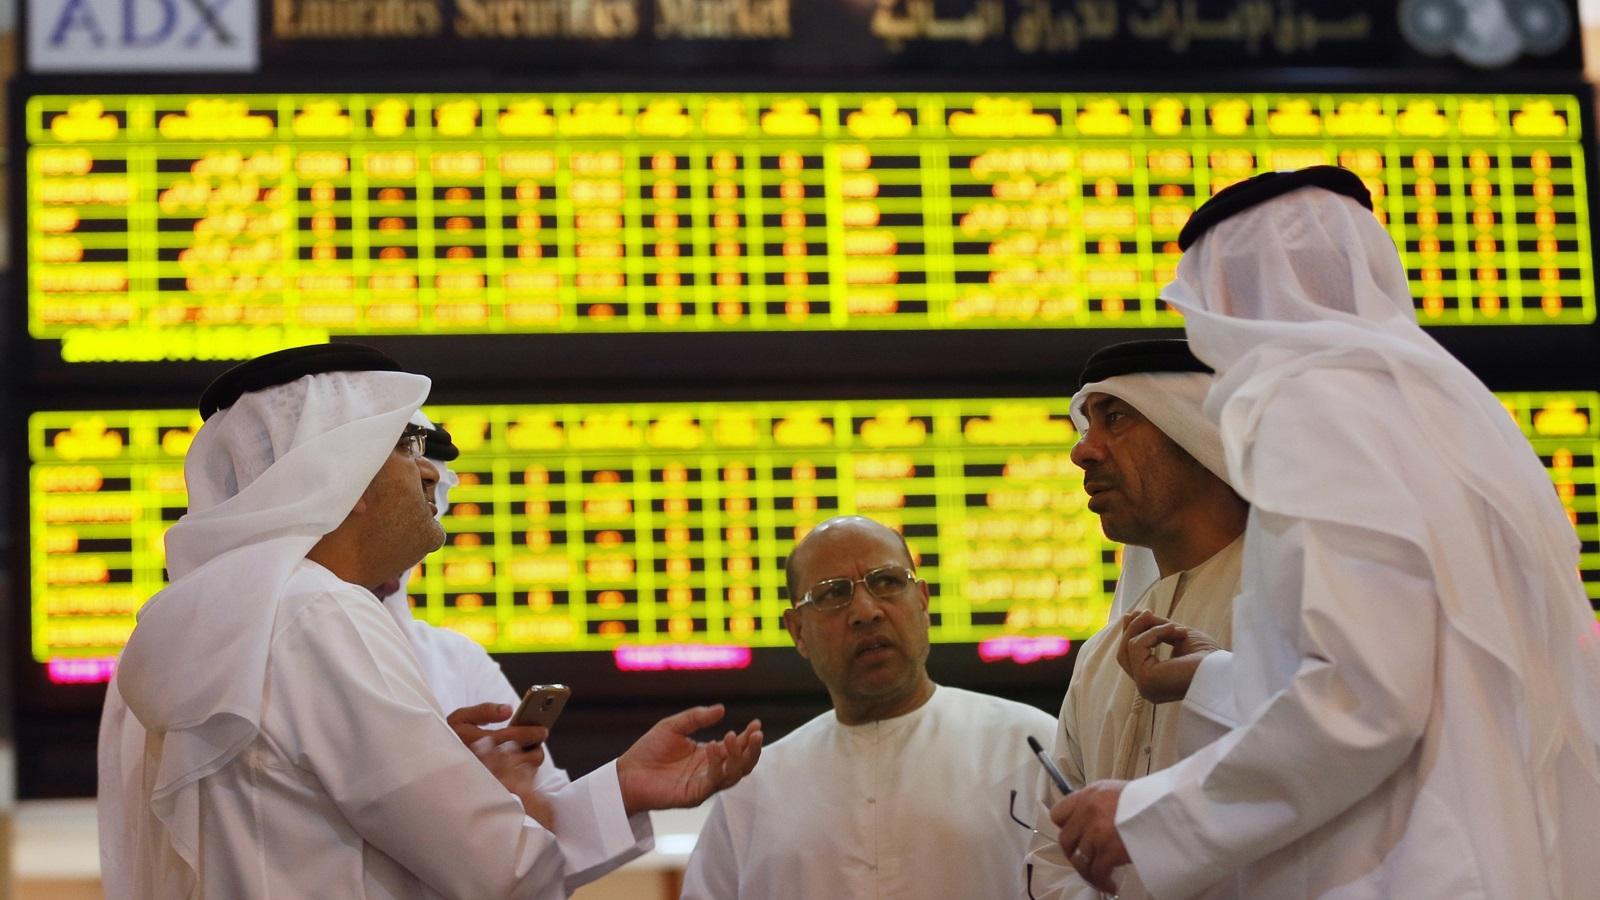 صعود معظم بورصات الخليج بفعل نتائج مالية